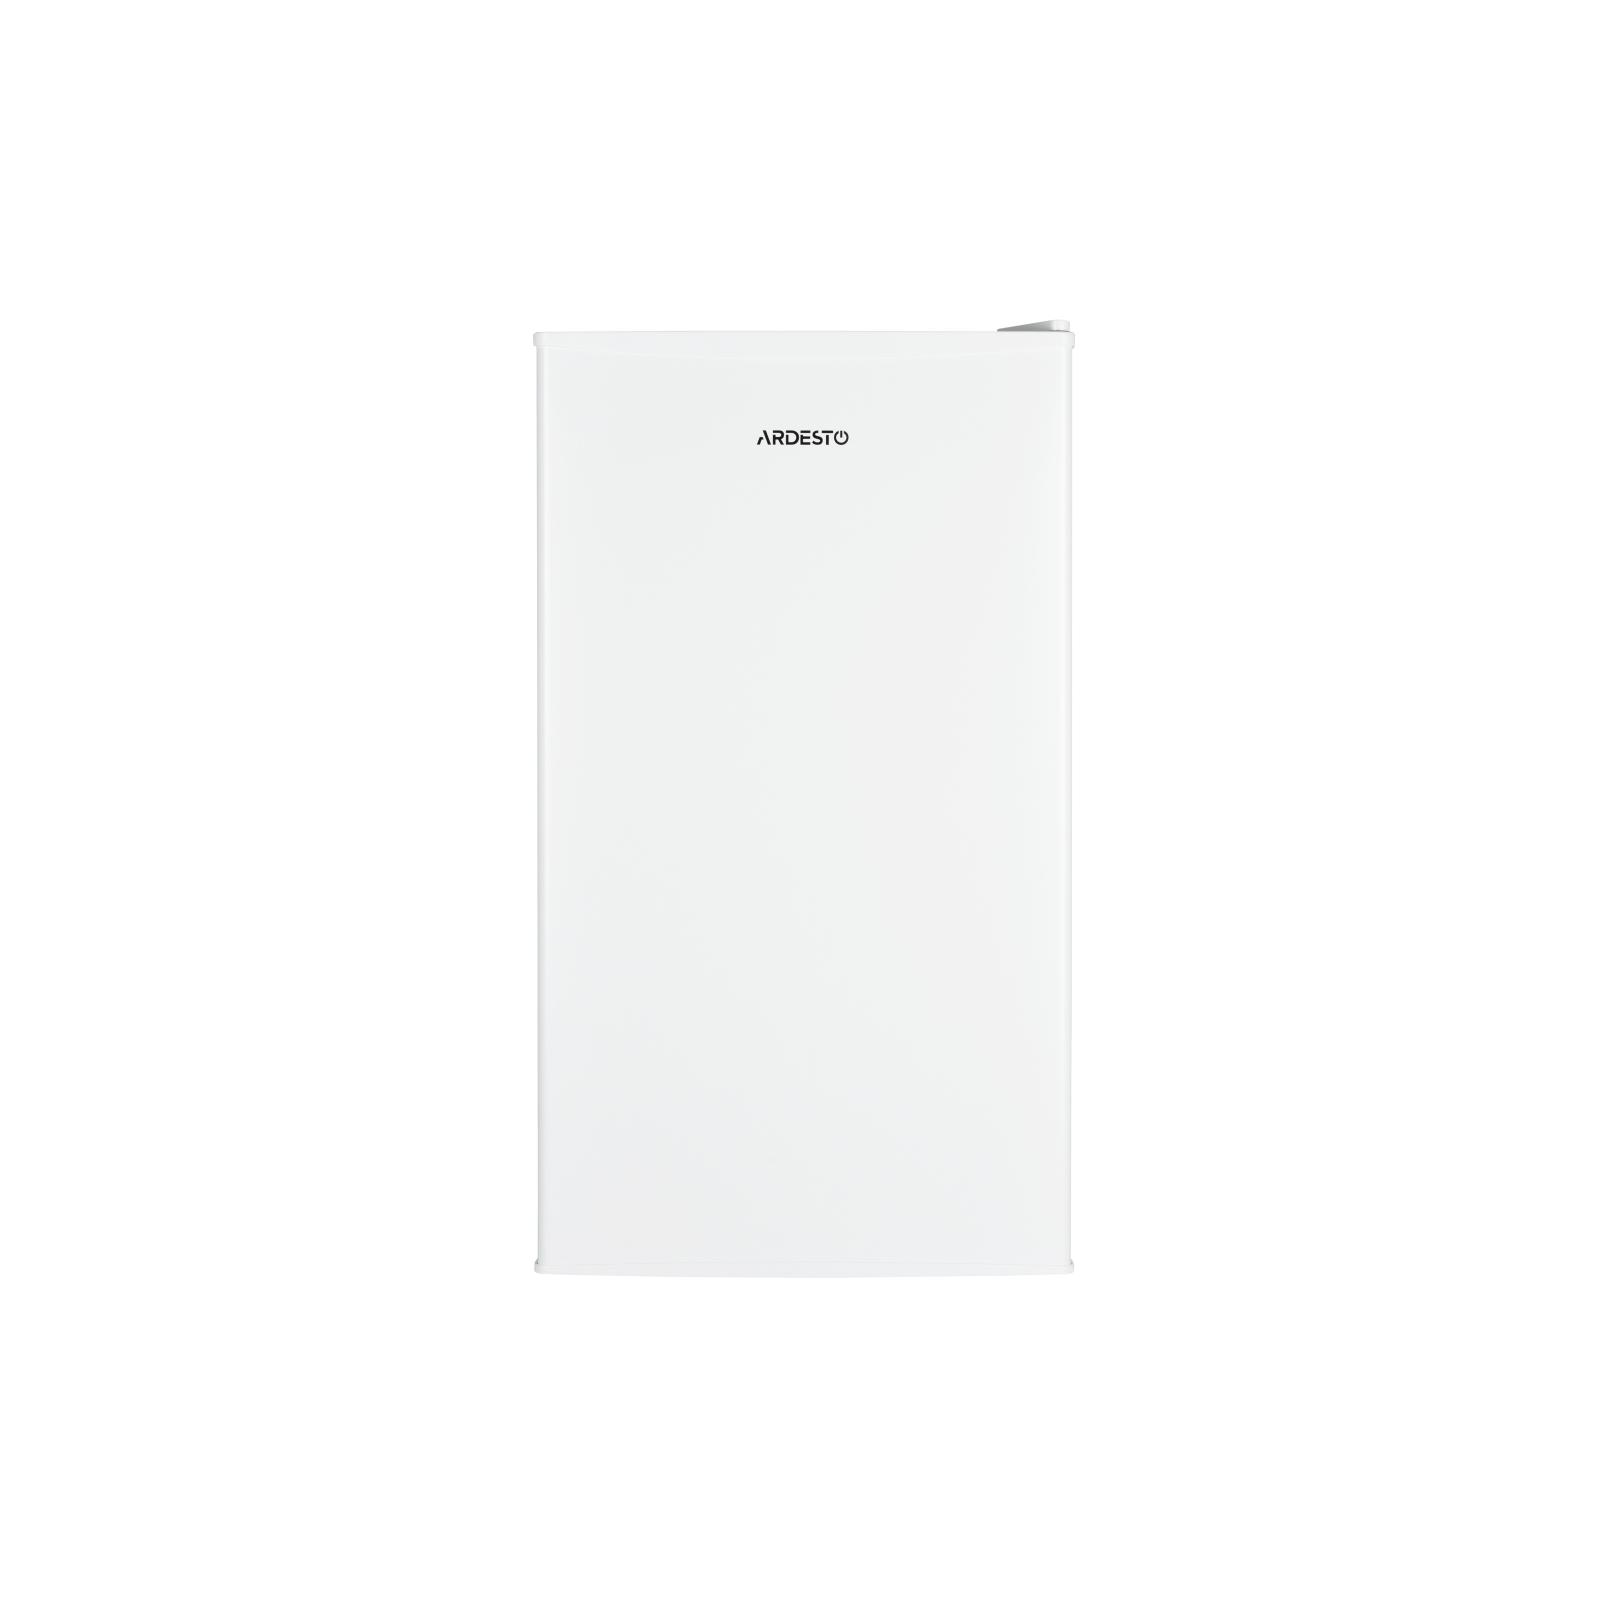 Холодильник Ardesto DFM-90W изображение 2